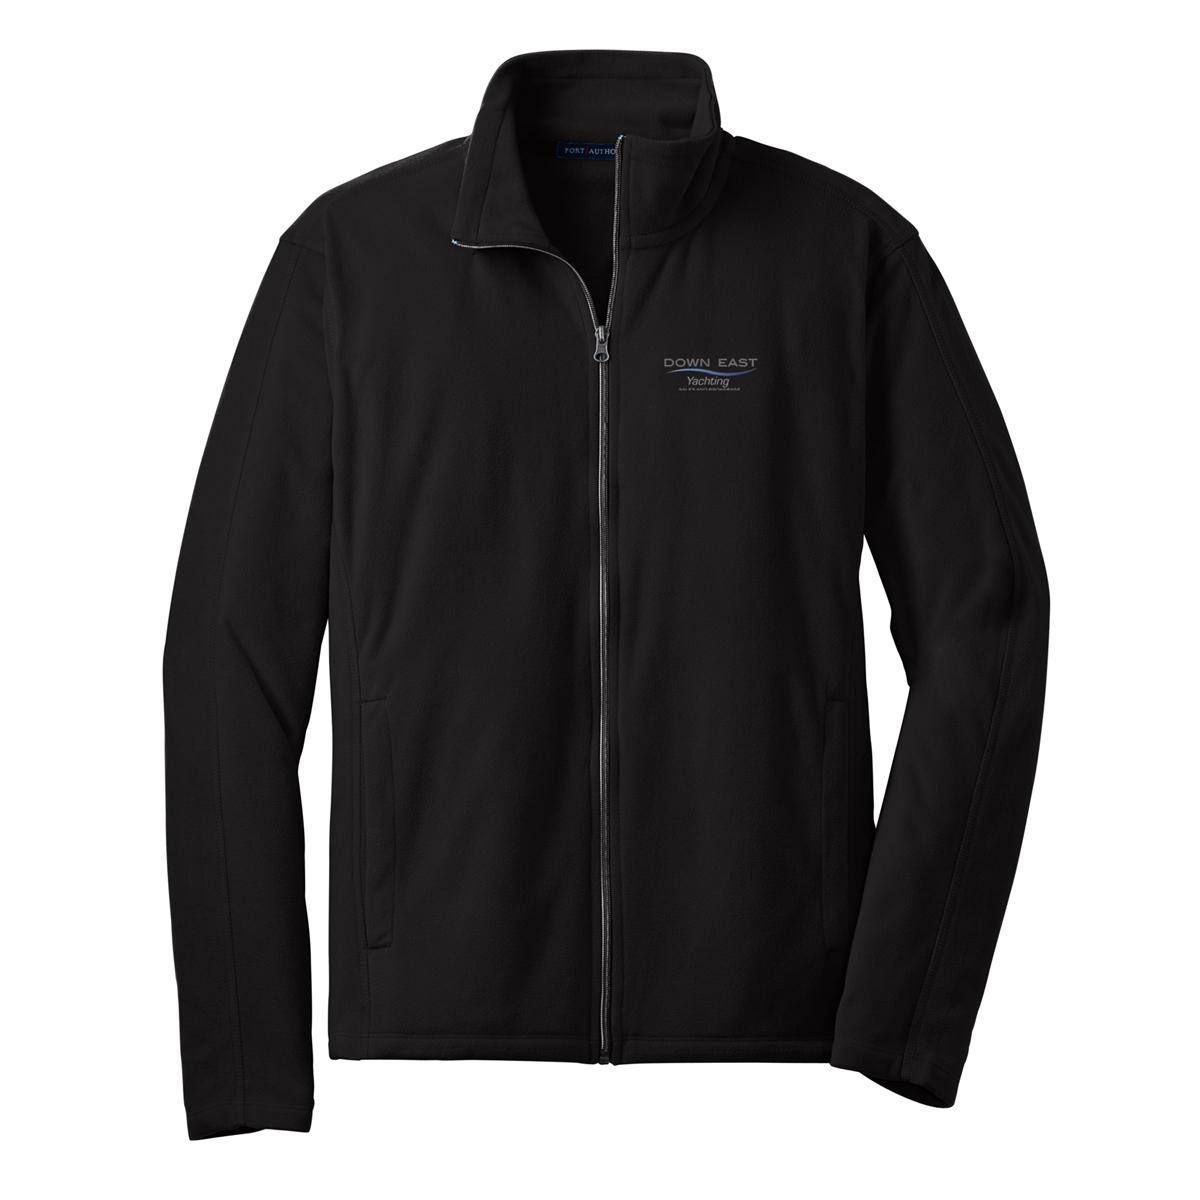 Down East Yachting - Men's Full Zip Fleece Jacket